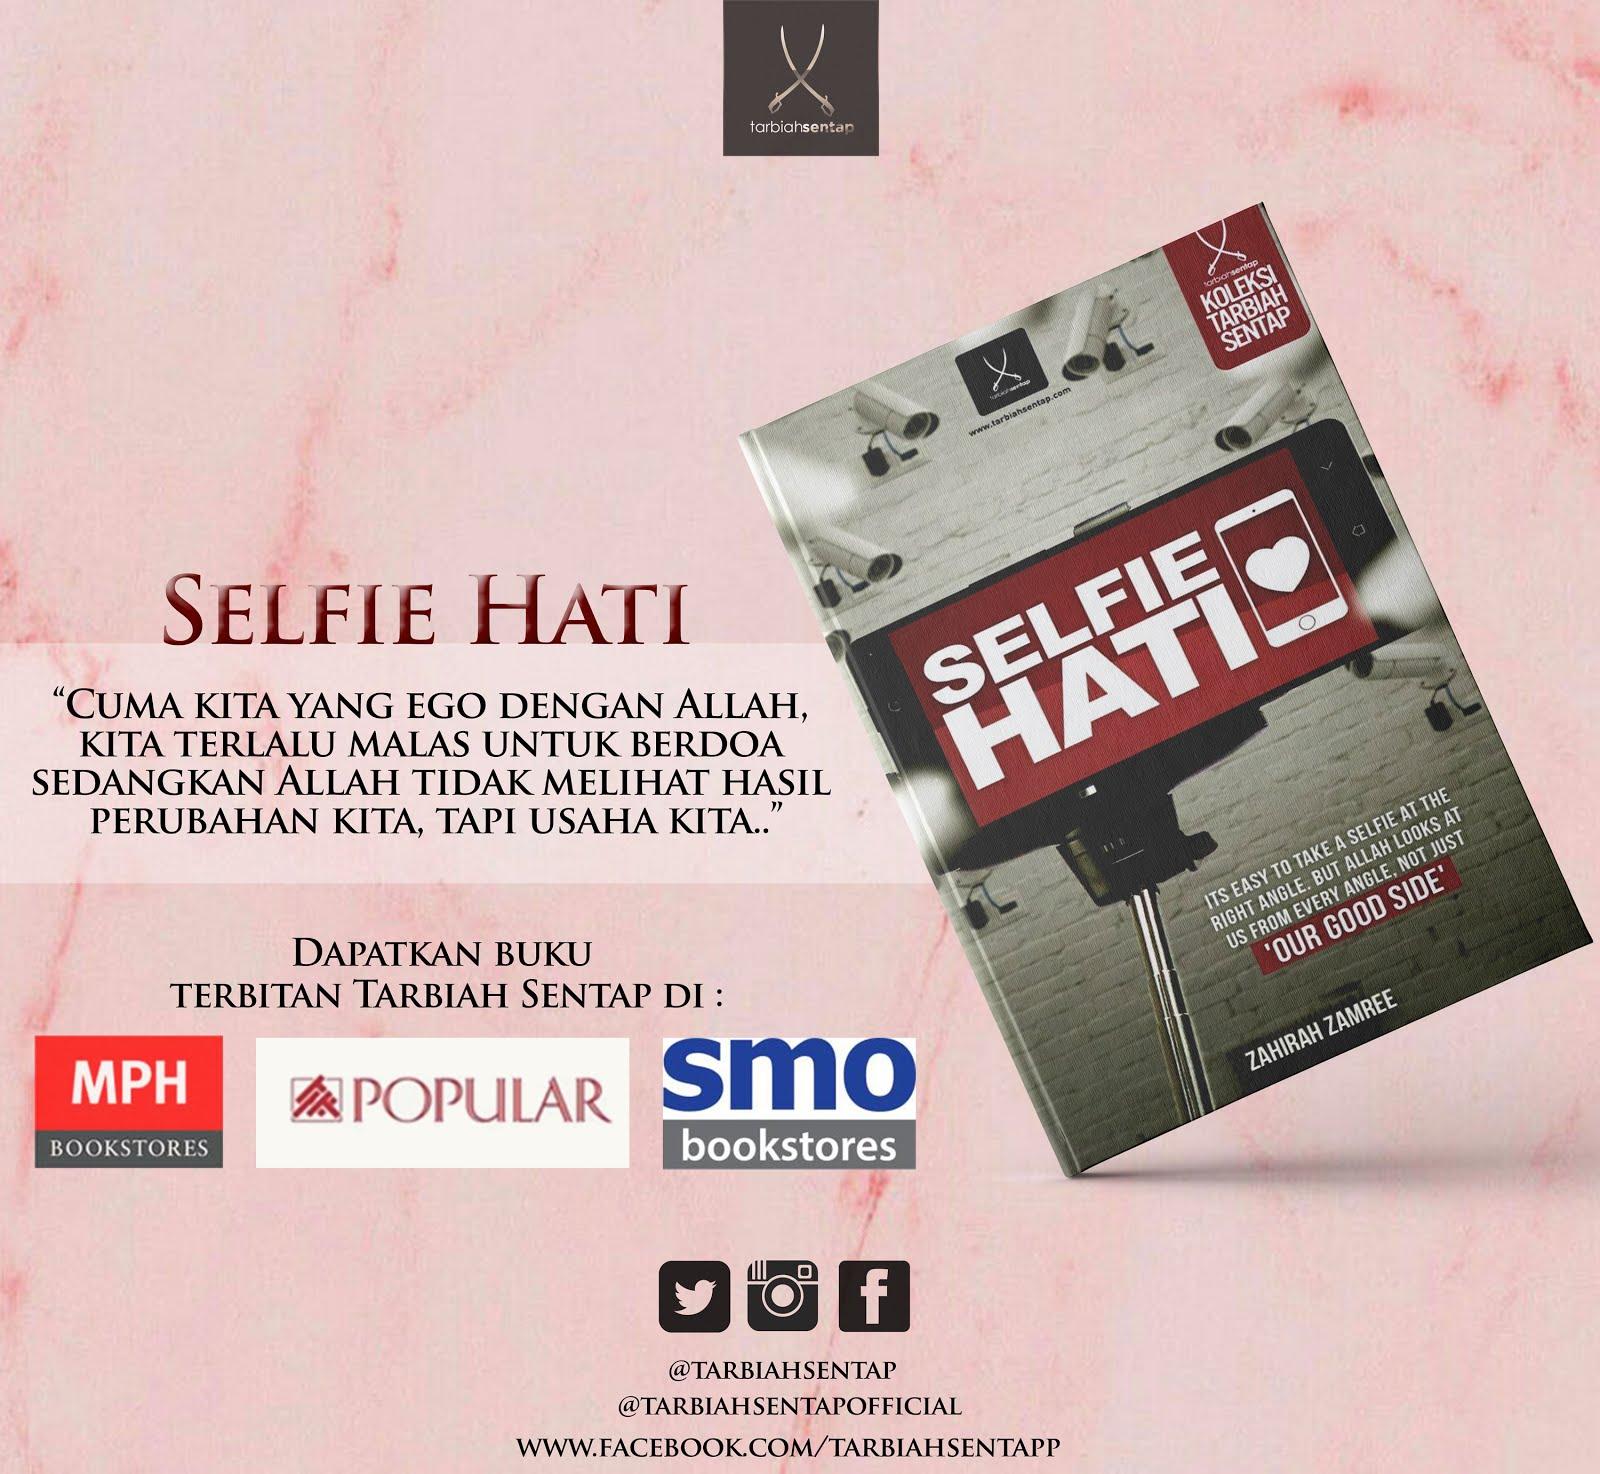 Selfie Hati